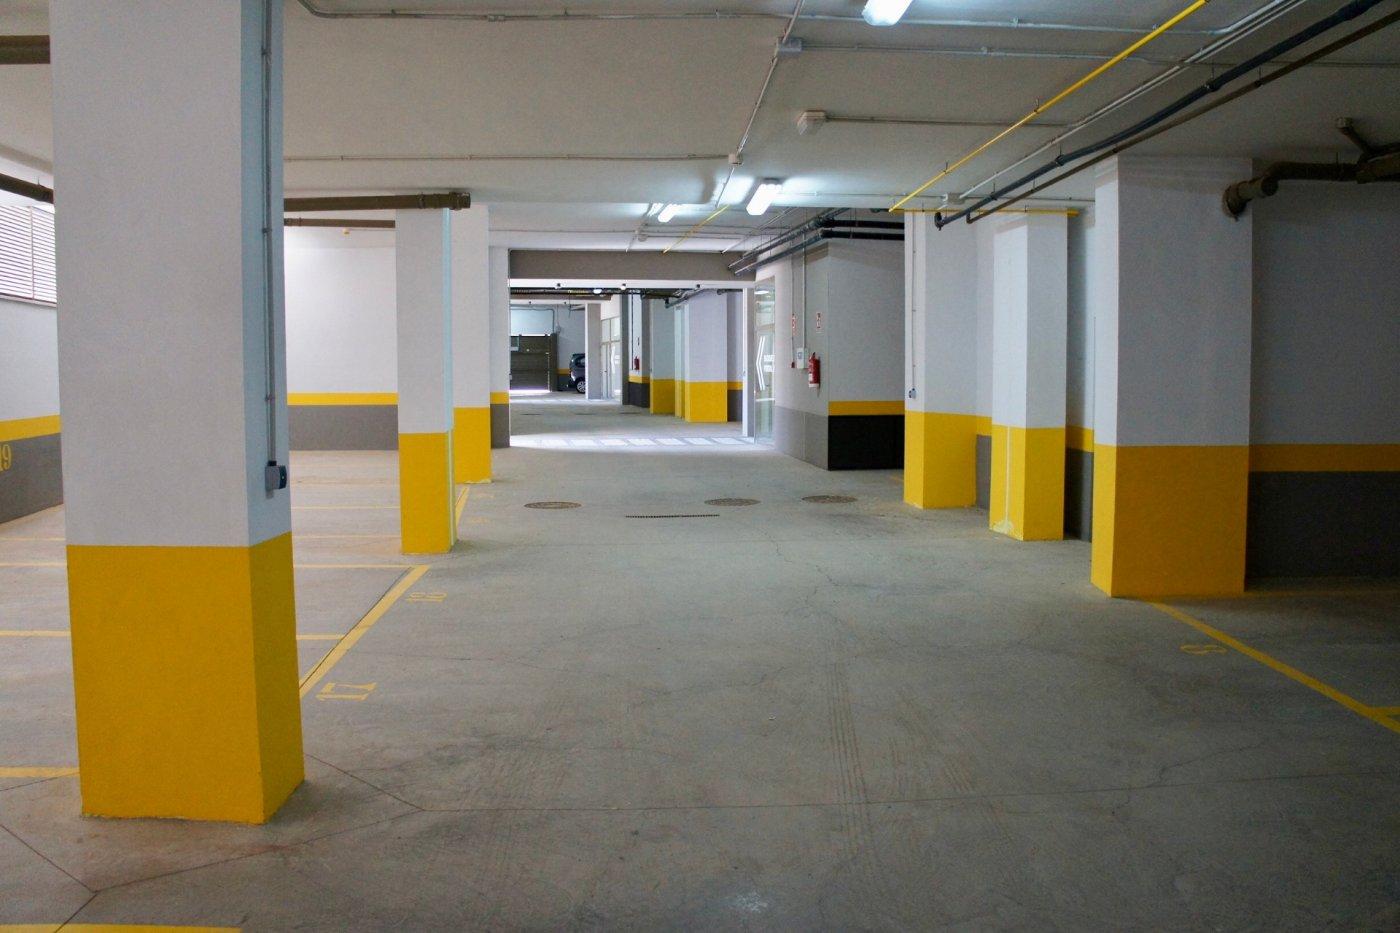 Gallery Image 15 of Gran apartamento orientado al sur de 3 dormitorios y 2 baños con preciosas vistas y 75 m2 de teraza